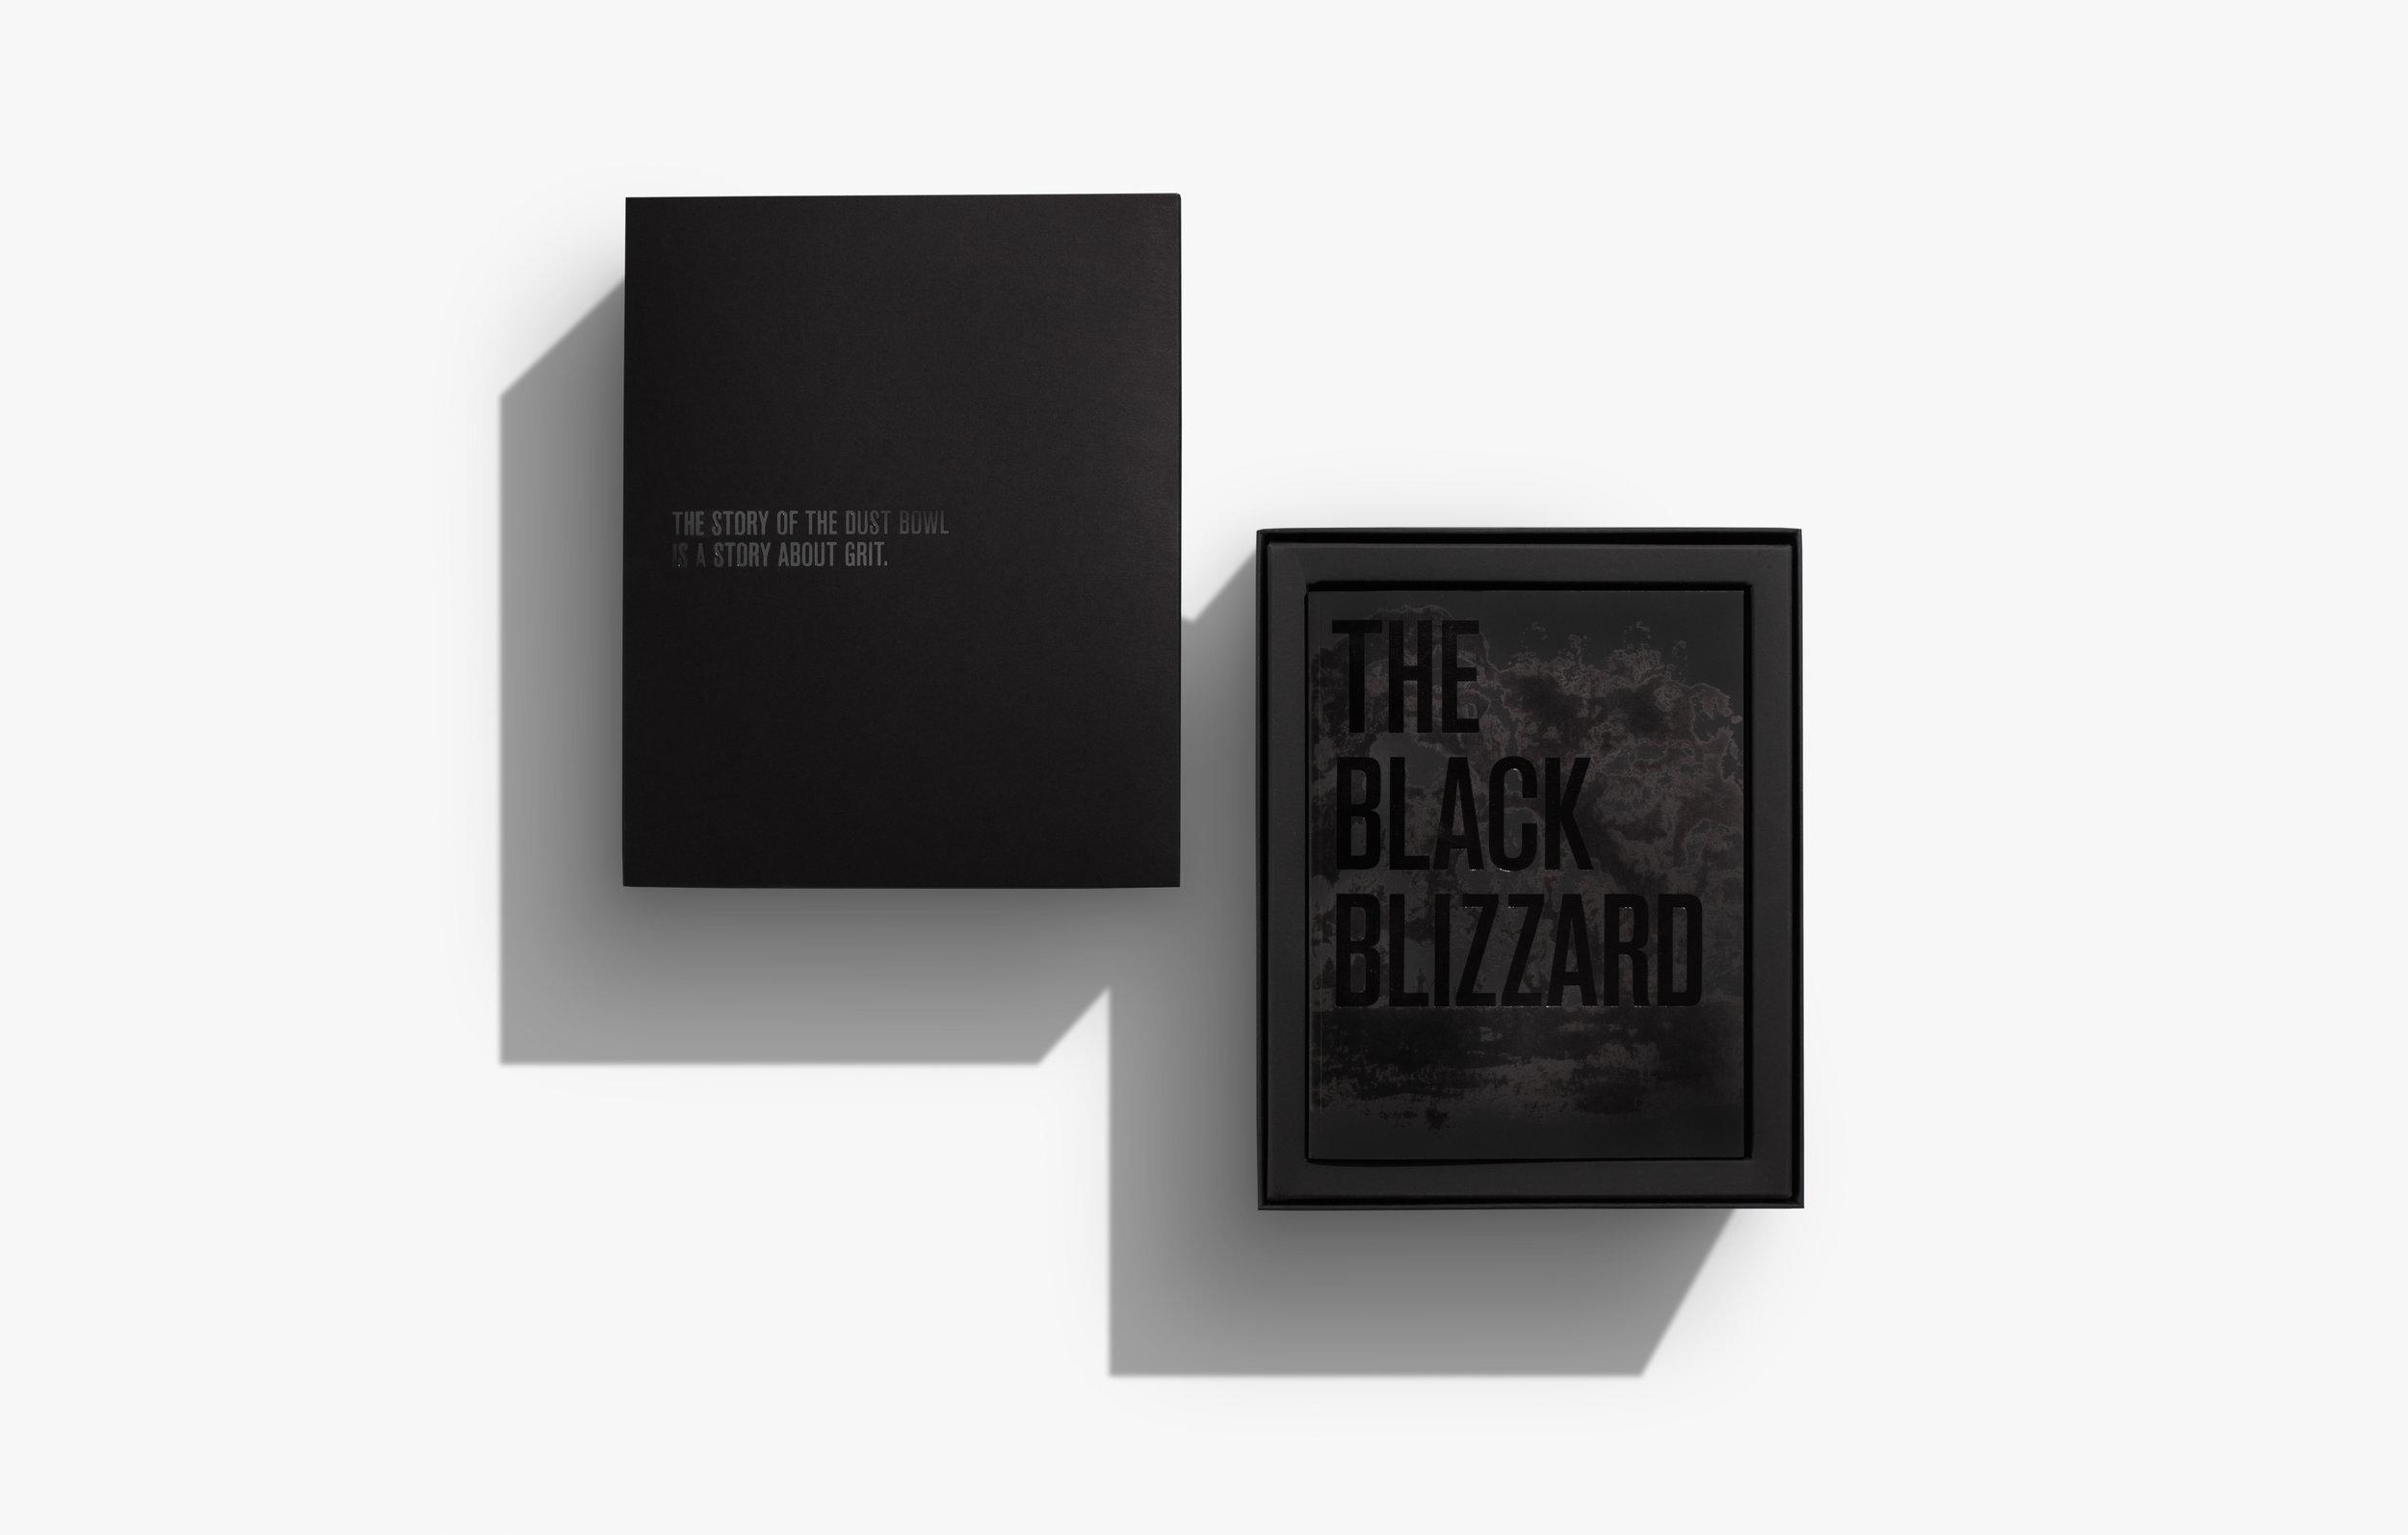 Black_Blizzard_Packaging_30441_mh.jpg